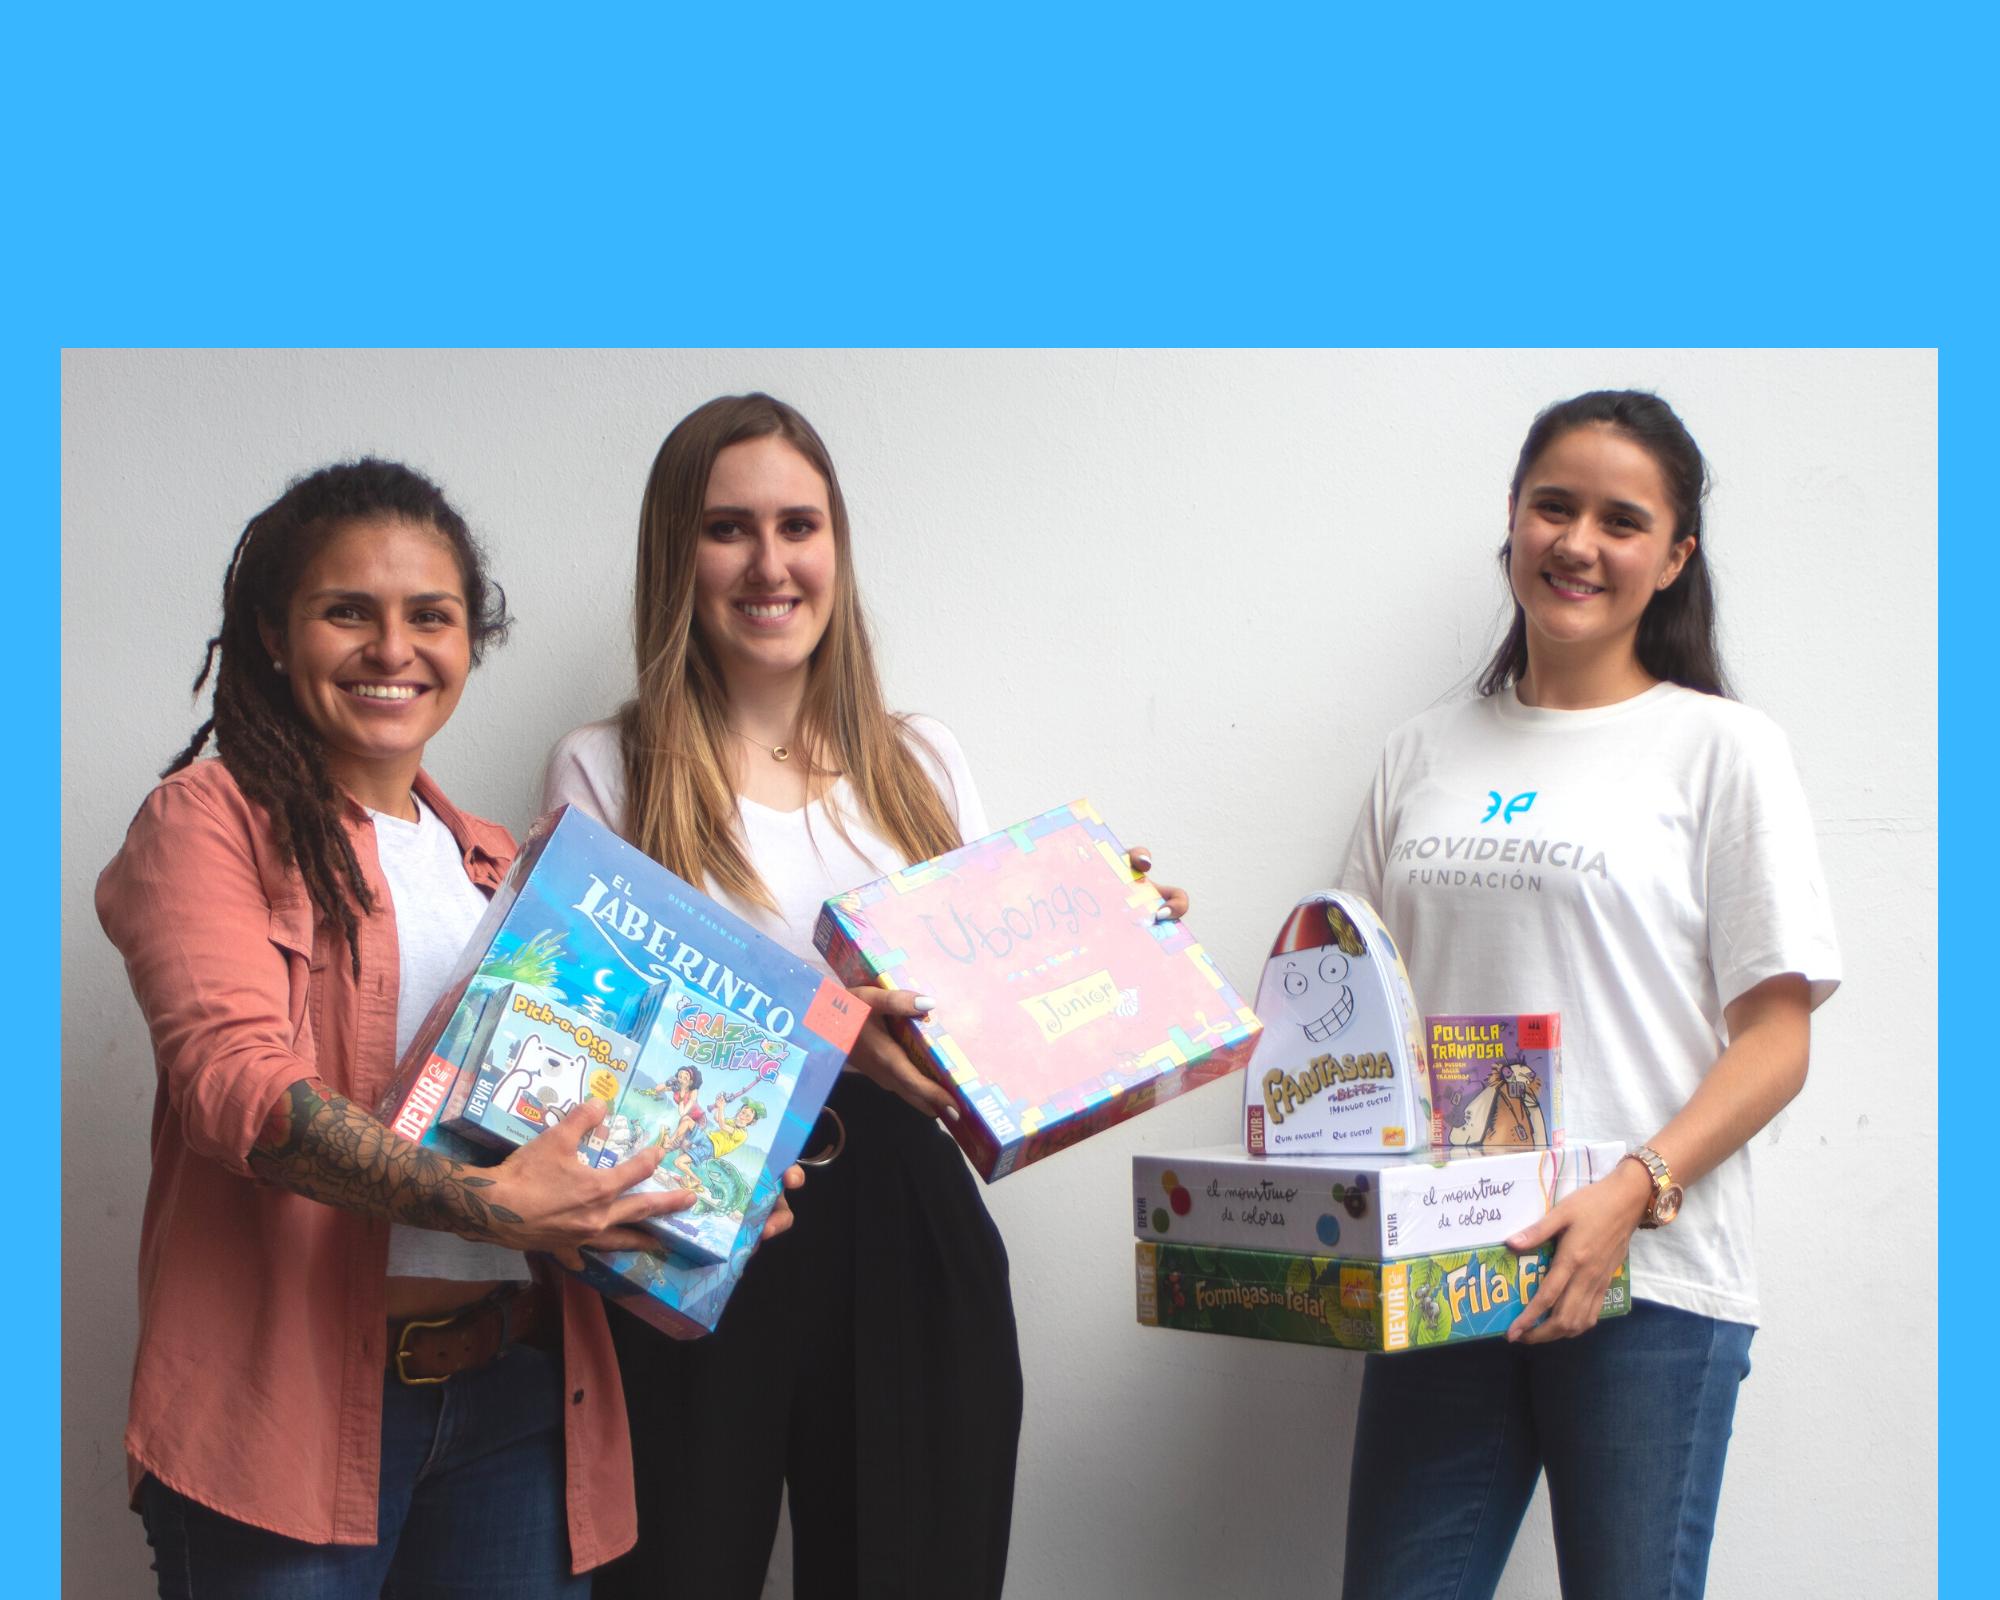 76 niñas, niños y jóvenes de 4 instituciones fueron sorprendidos con juguetes en el día del niño 2021.